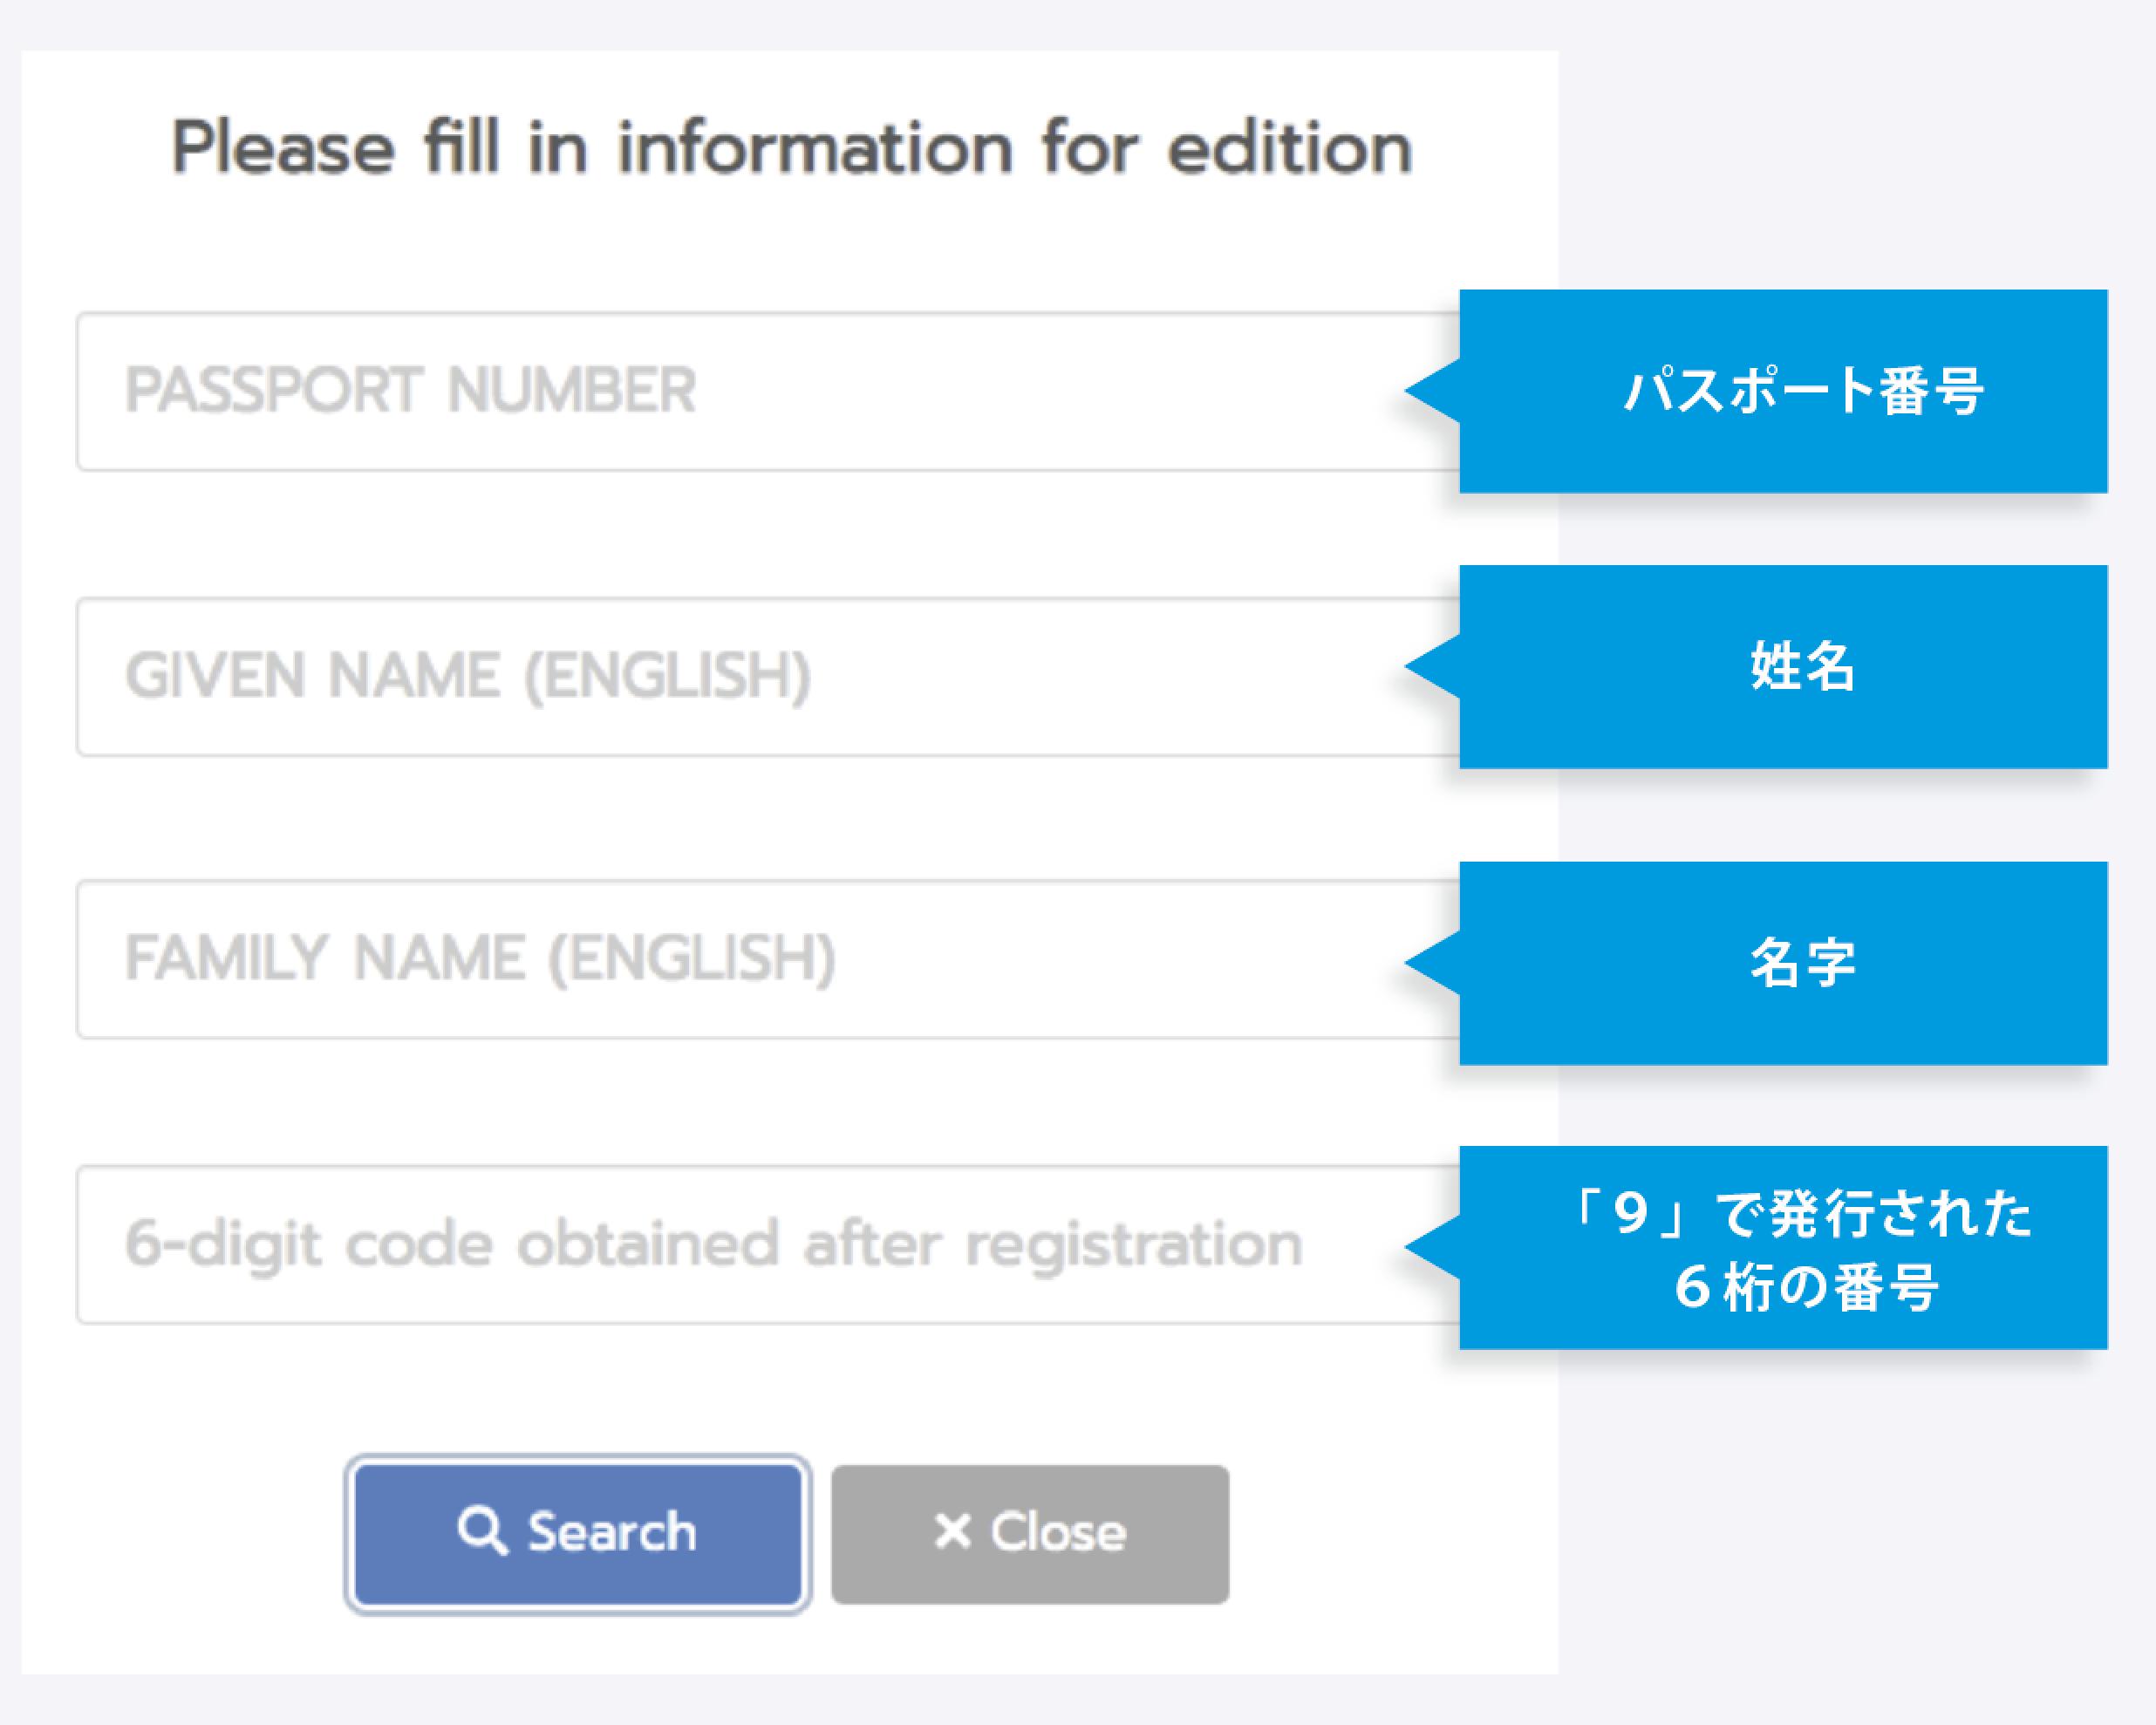 パスポート番号 名字 名前 6桁のコード を入力して「Search」をクリックすると、保存された申請書のページに遷移します。